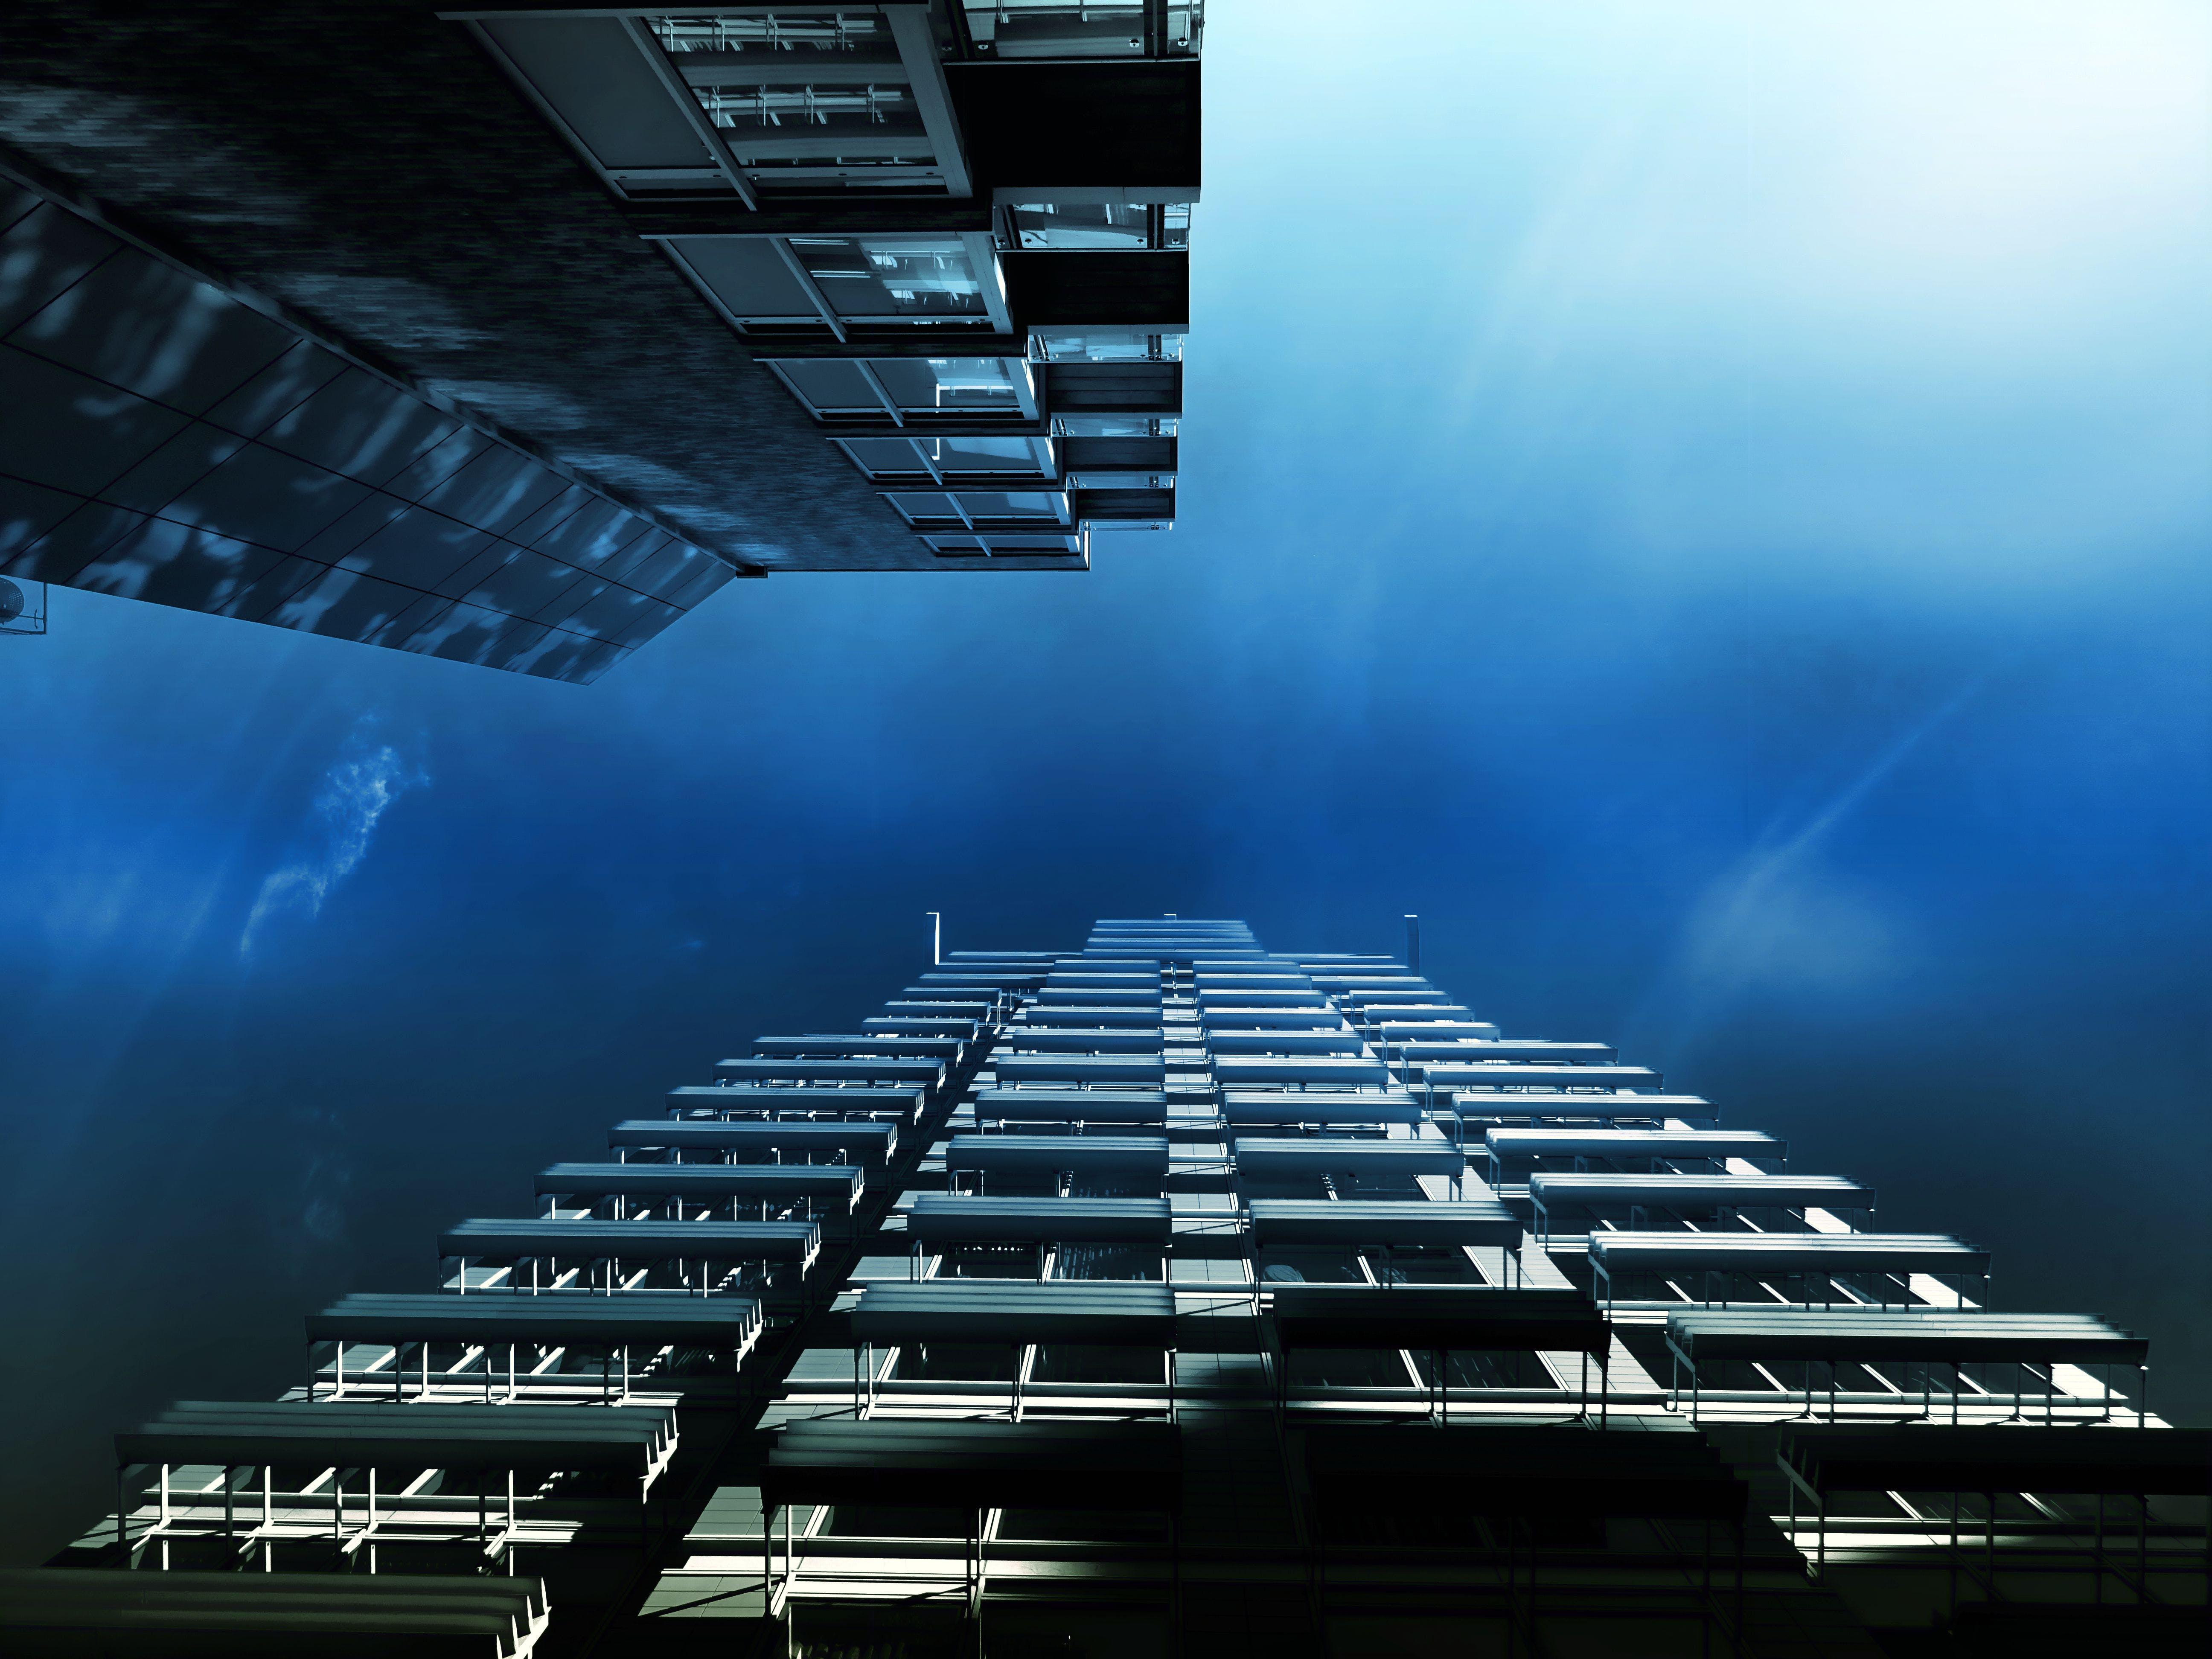 ablakok, acél, alacsony szögű felvétel, ég témában